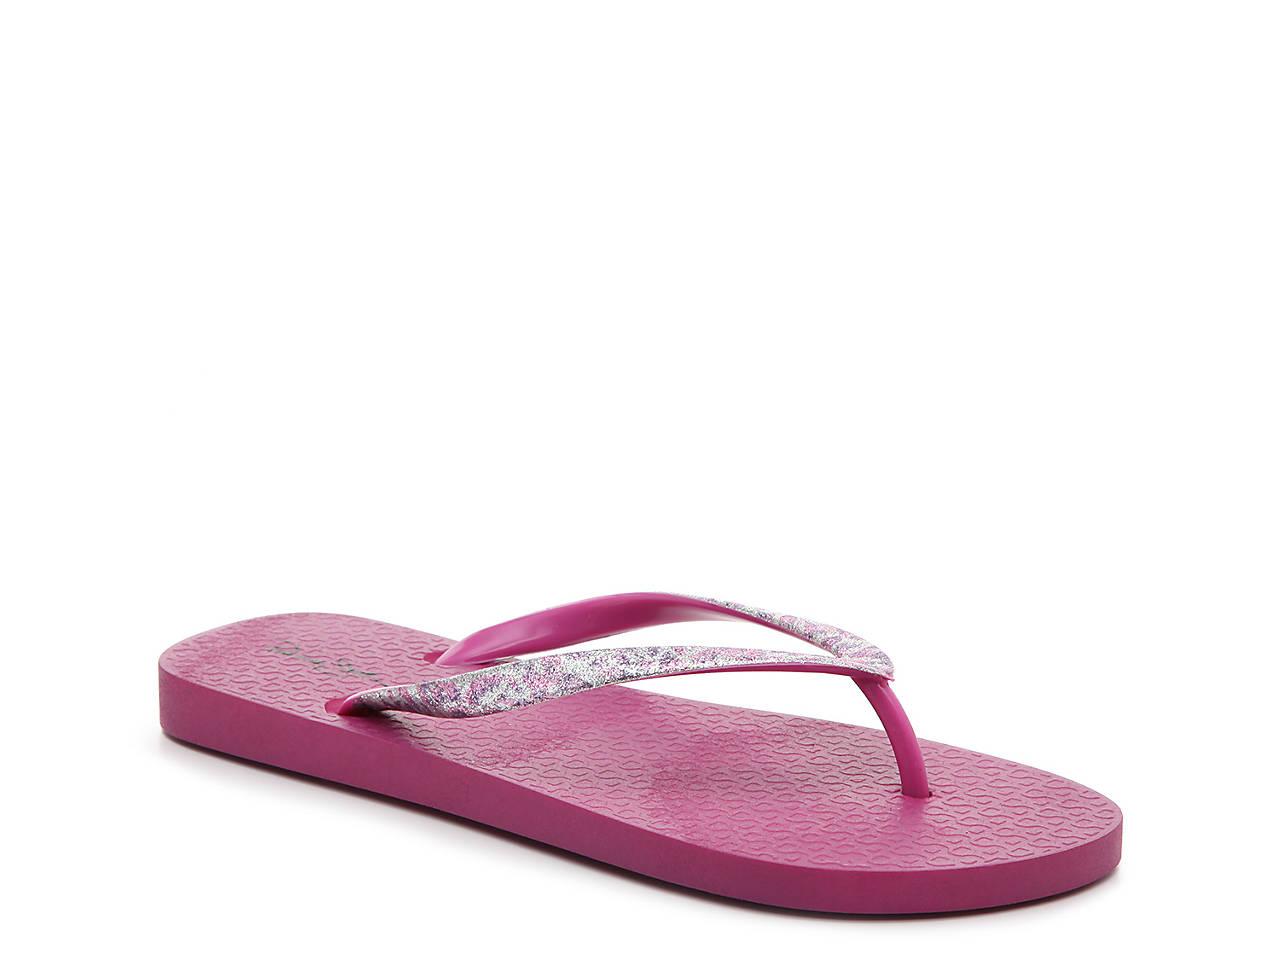 bcc33288b6e Panama Jack Glitter Flip Flop Women s Shoes